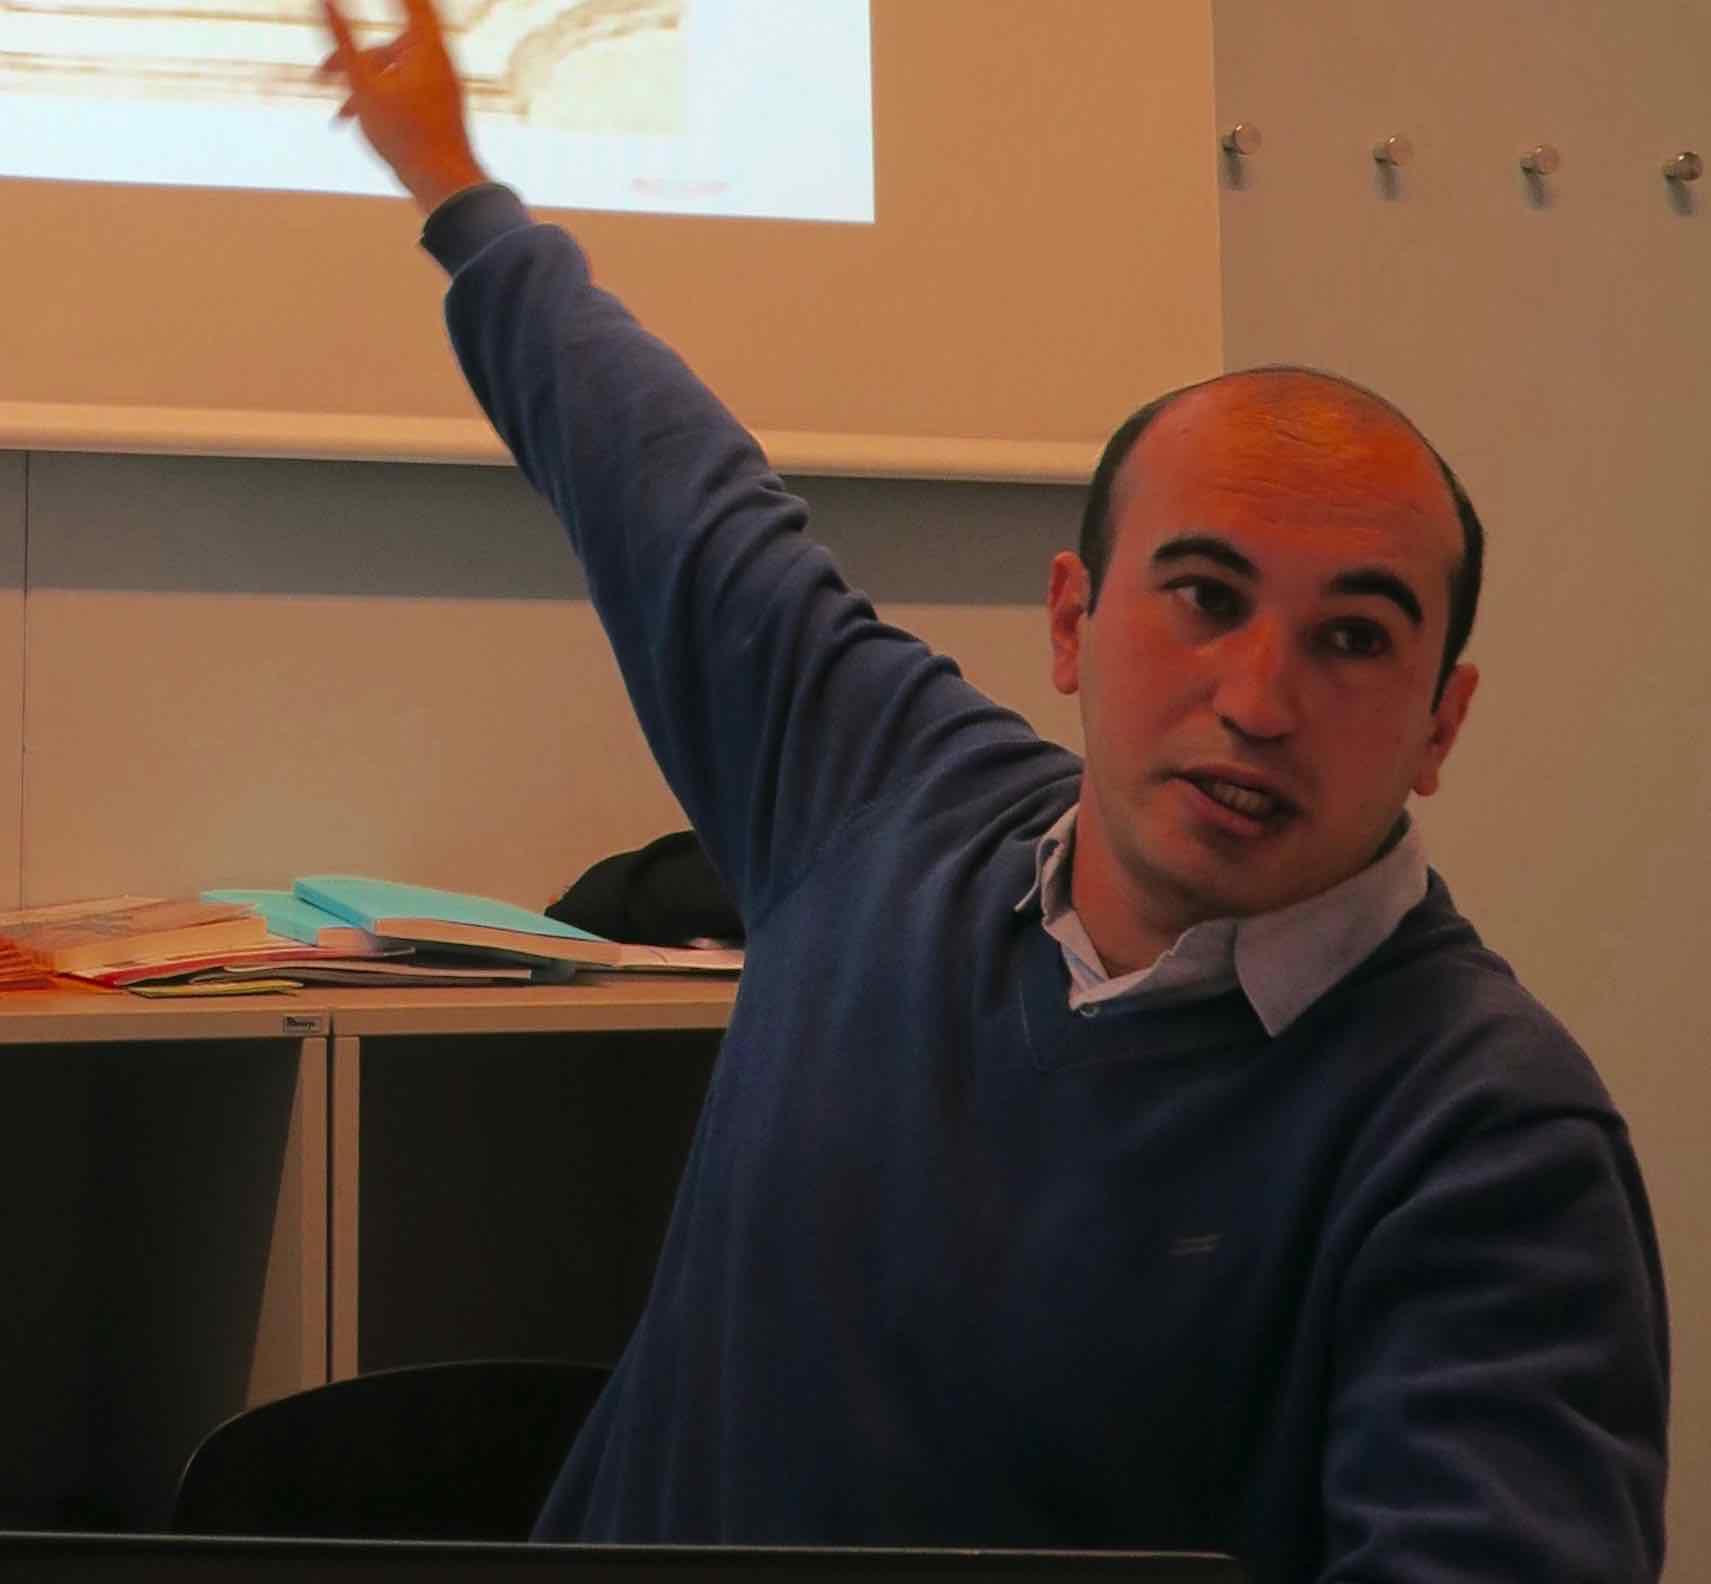 Agil presenting